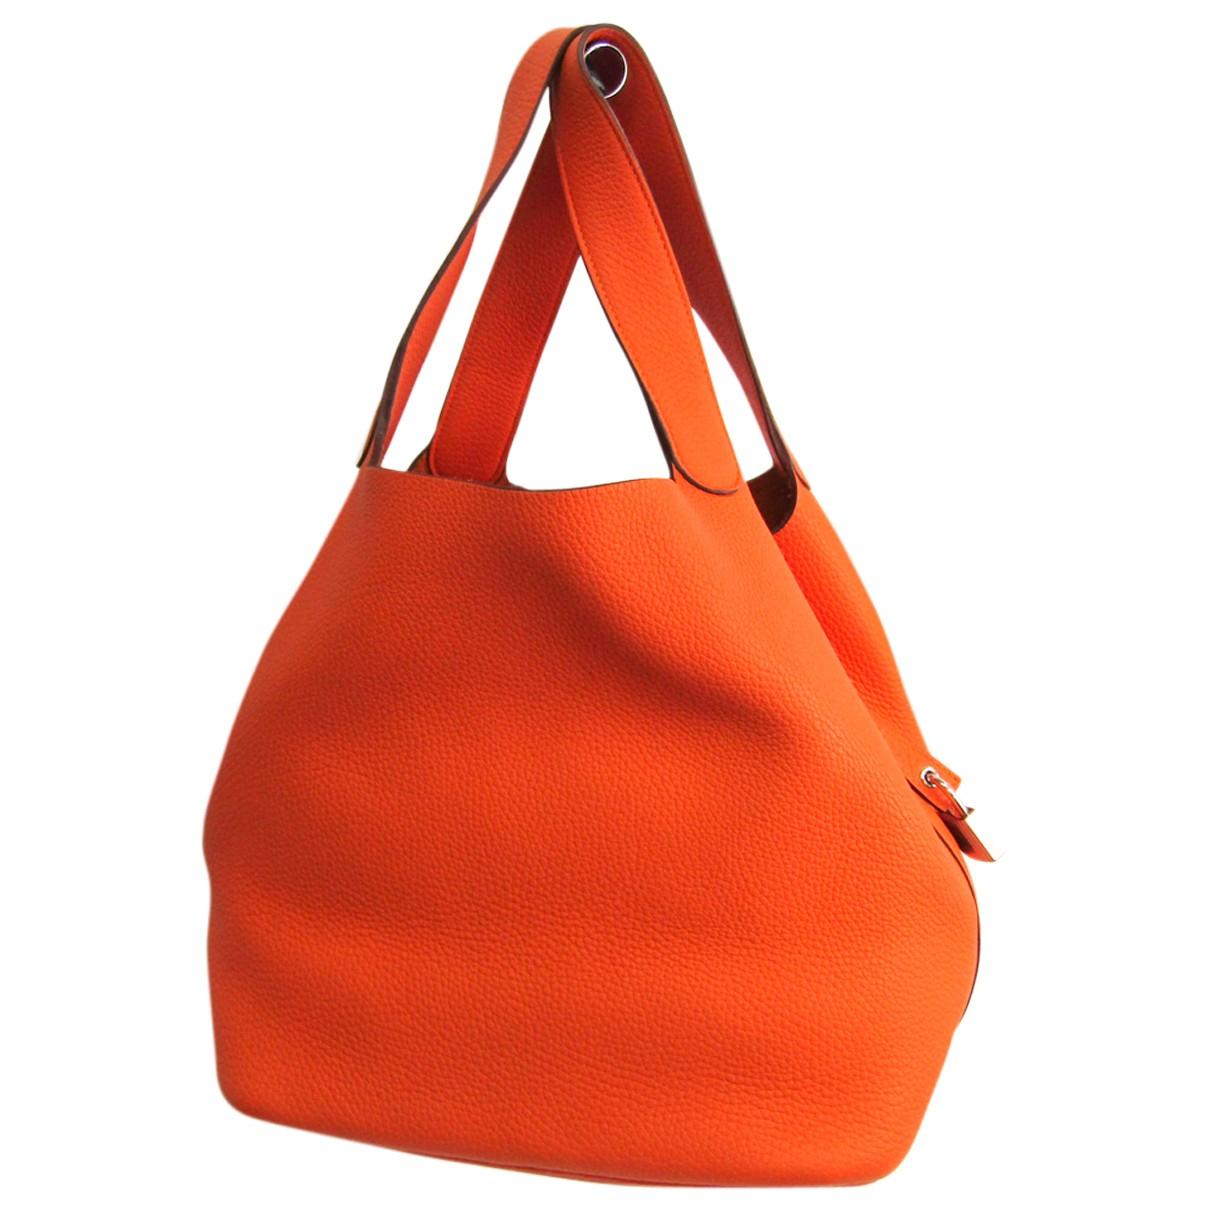 Hermes Picotin Handtasche in  Orange Leder